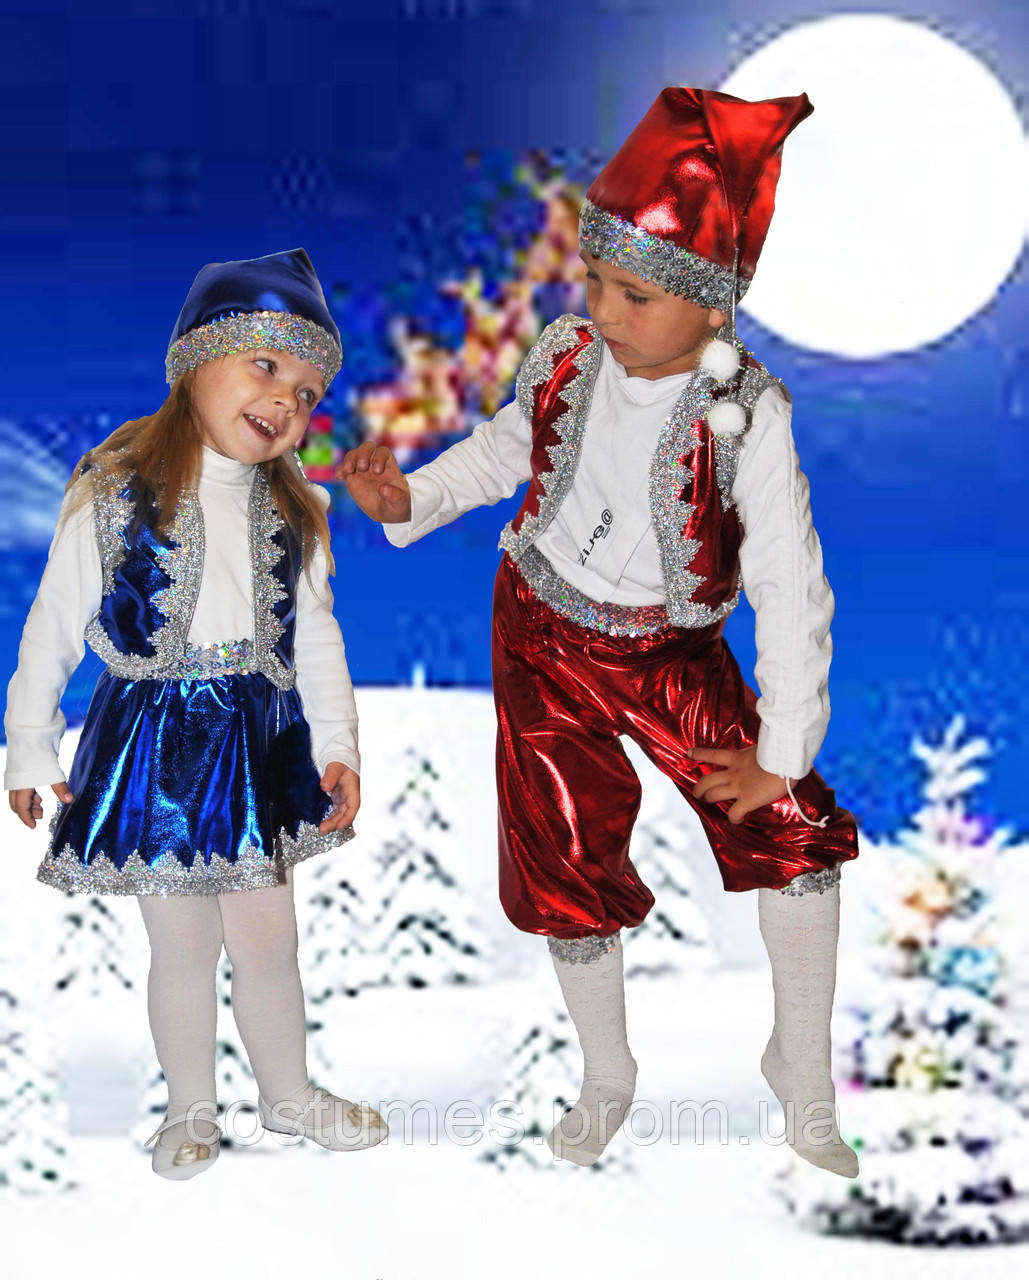 Карнавальные костюмы Гномик мальчик синий, красный ... - photo#10